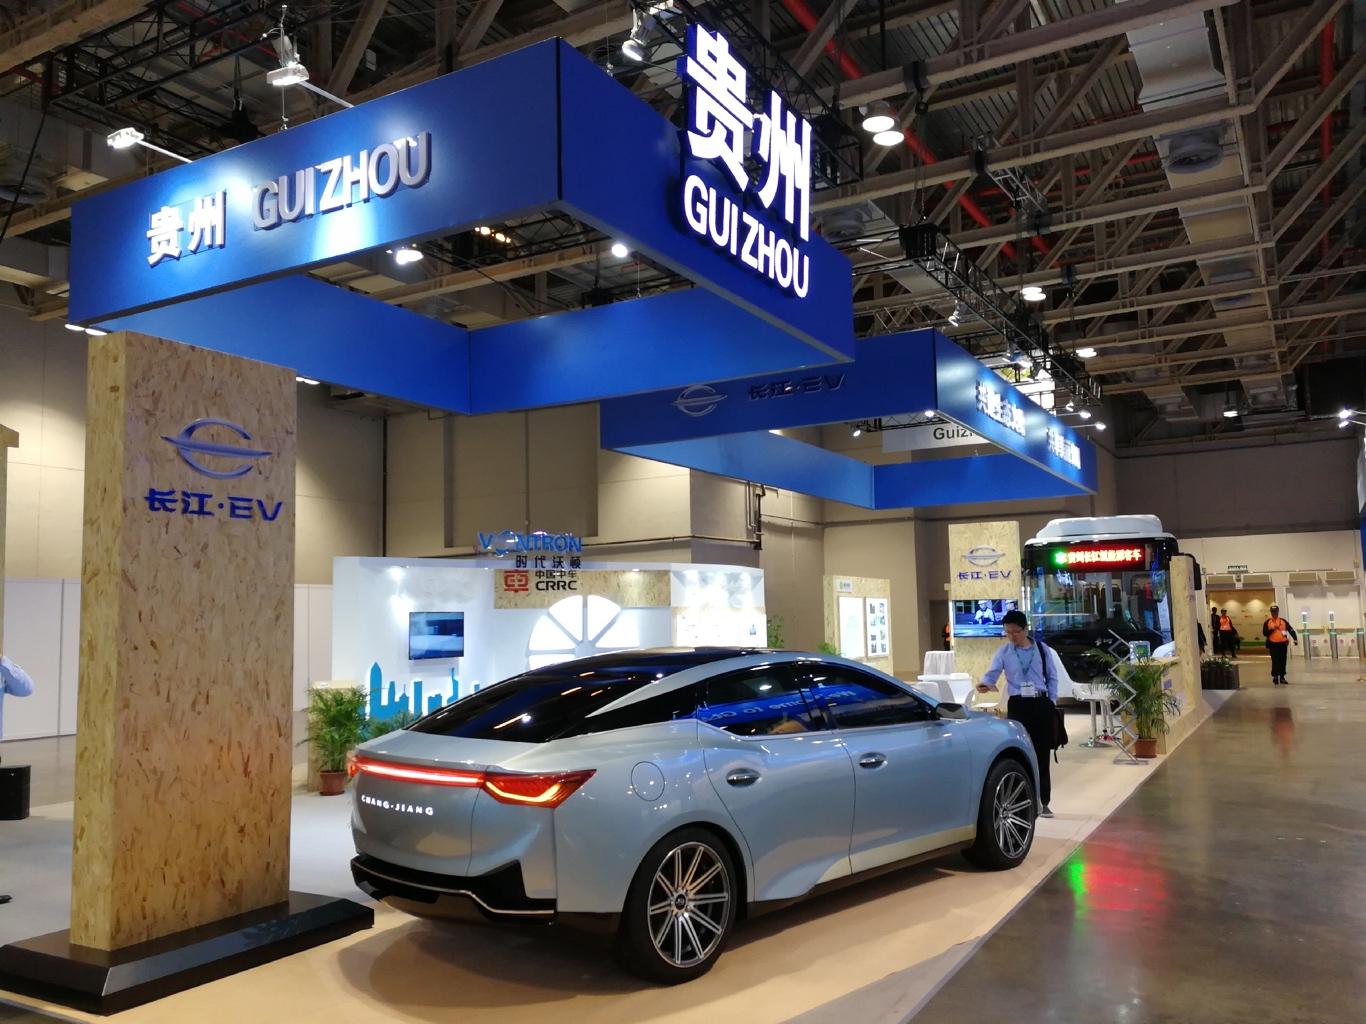 贵州长江汽车亮相澳门环保展,引领绿色产业新风尚